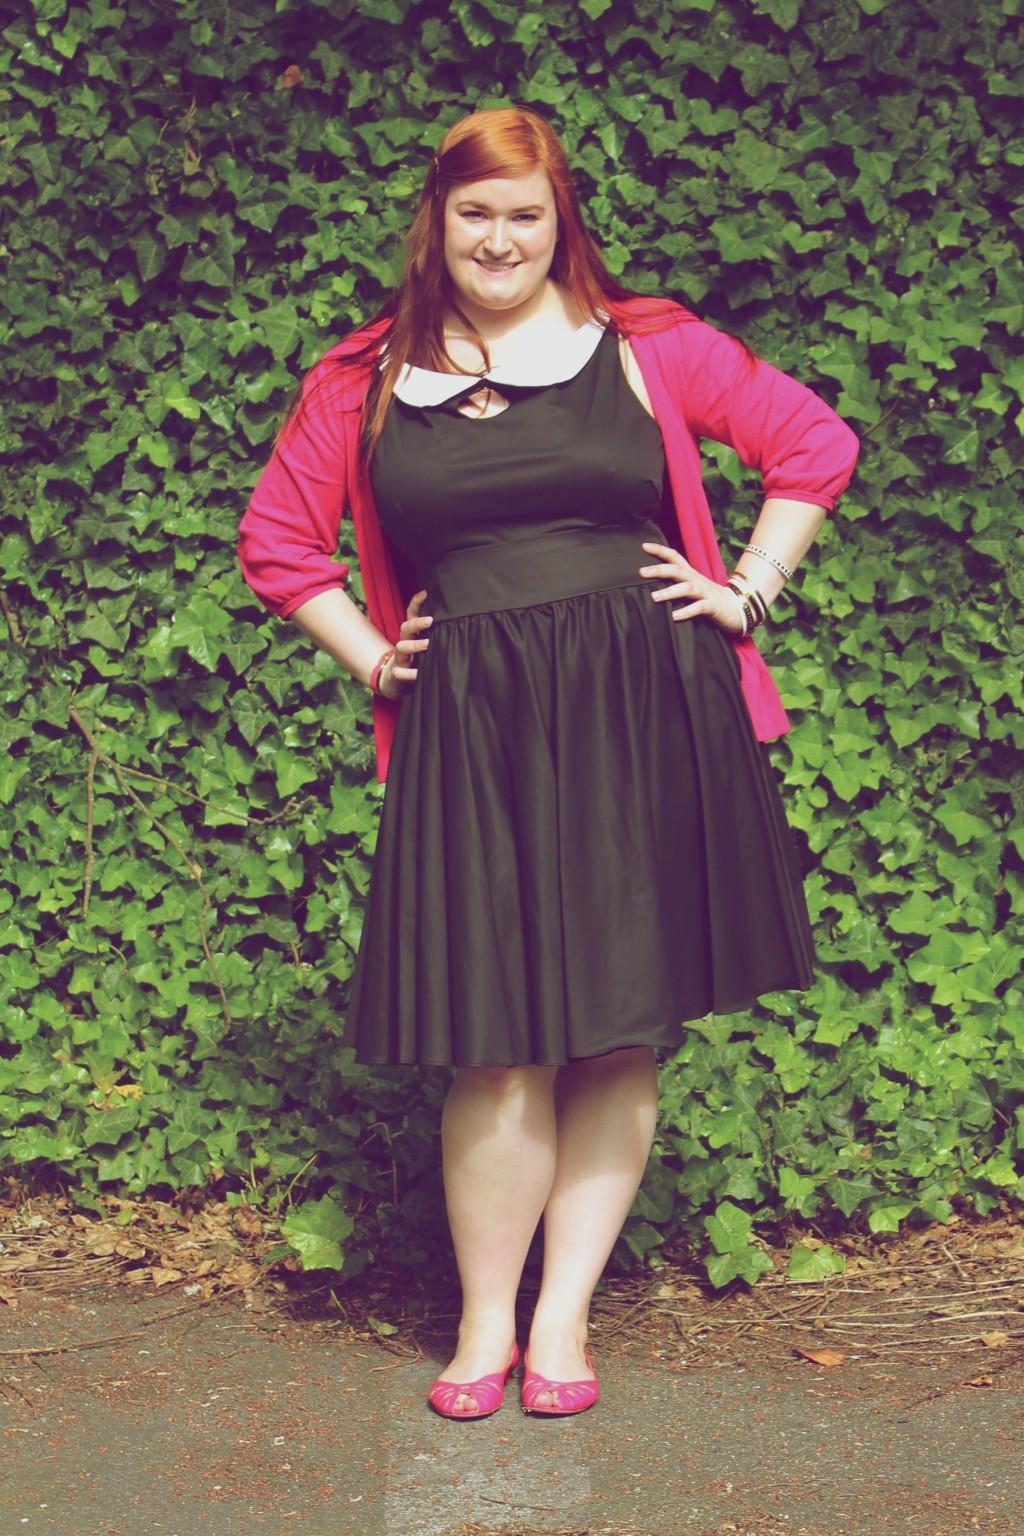 Queen of Heartz Dress